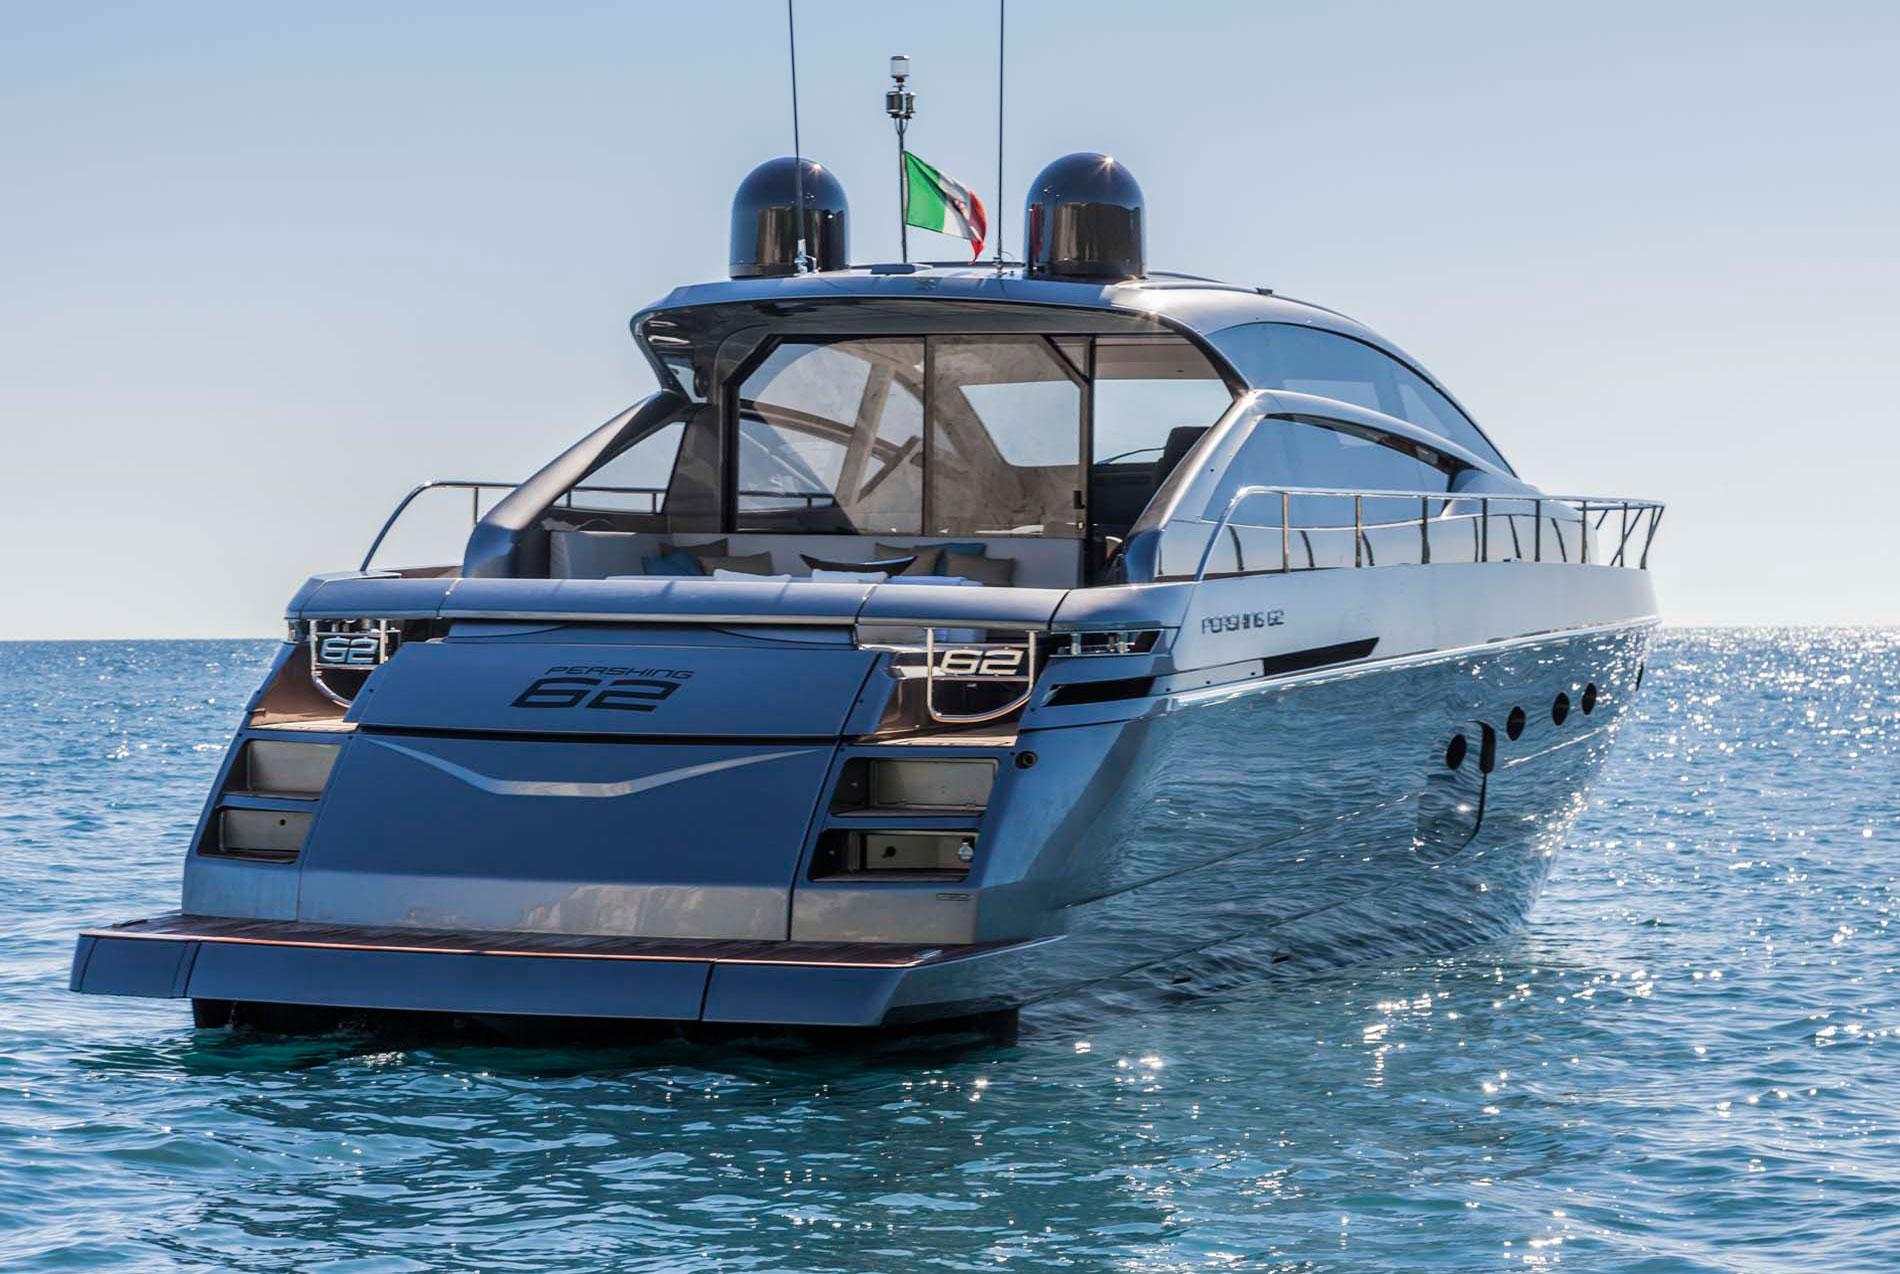 Alquiler de yates Pershing. Barcos baratos en Ibiza Pershing